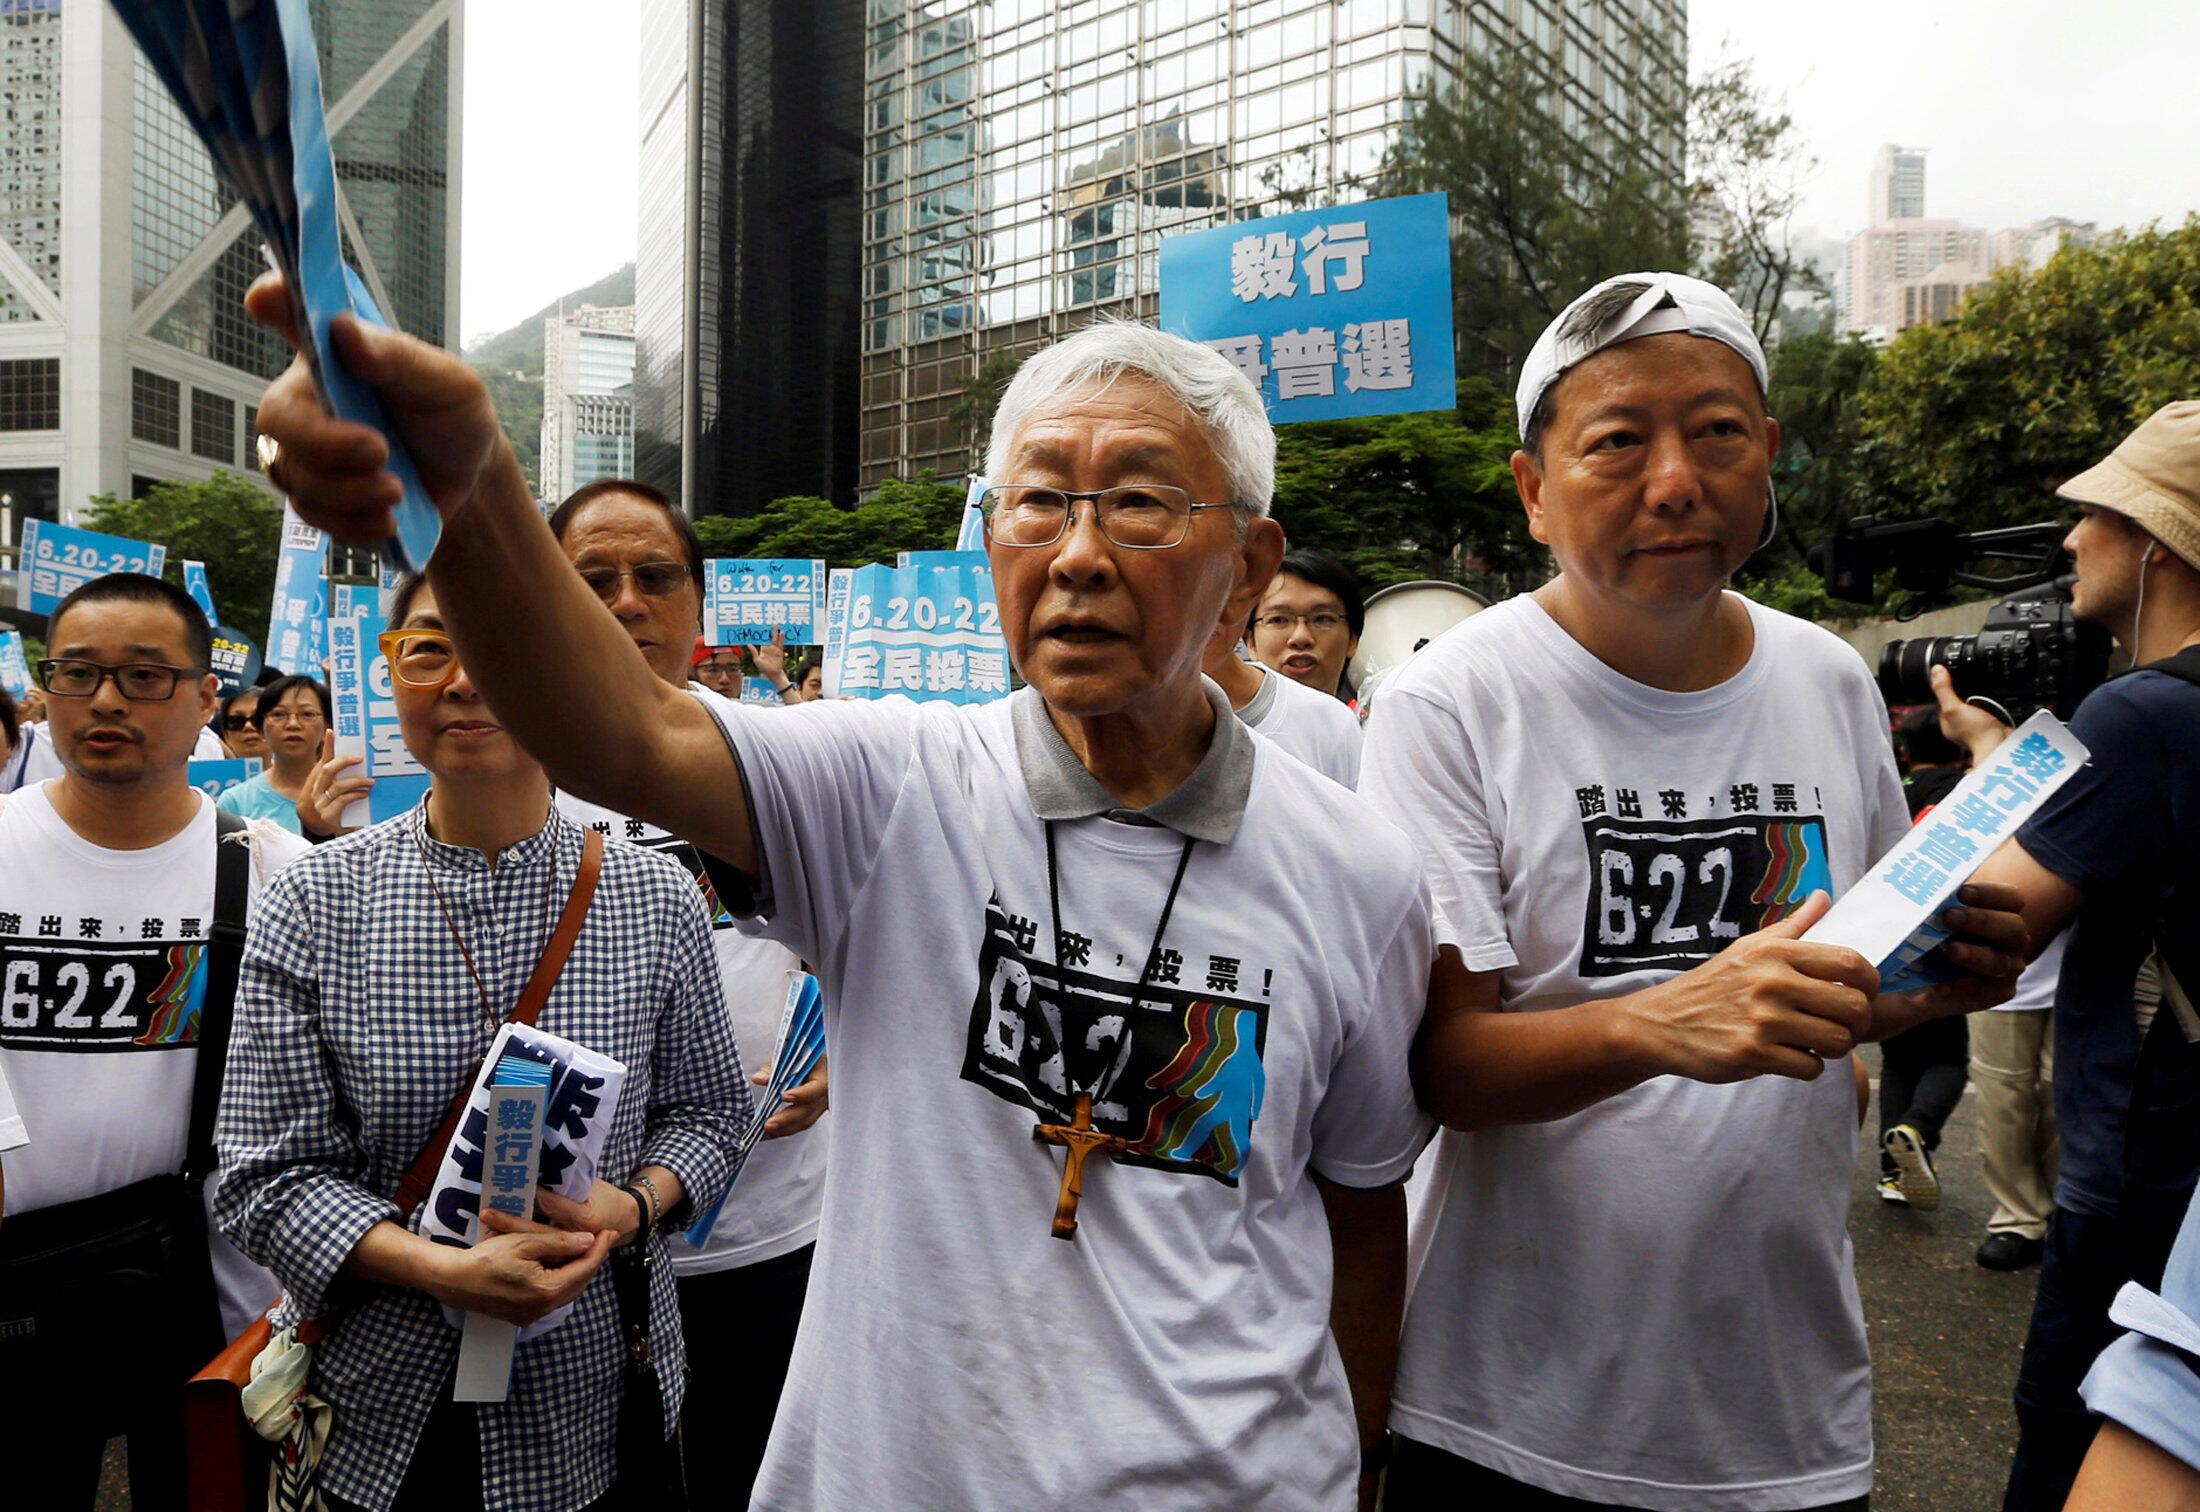 Hồng y Trần Nhật Quân - Joseph Zen cùng một số nhà tranh đấu khác trong một cuộc biểu tình đòi dân chủ cho Hồng Kông năm 2014.